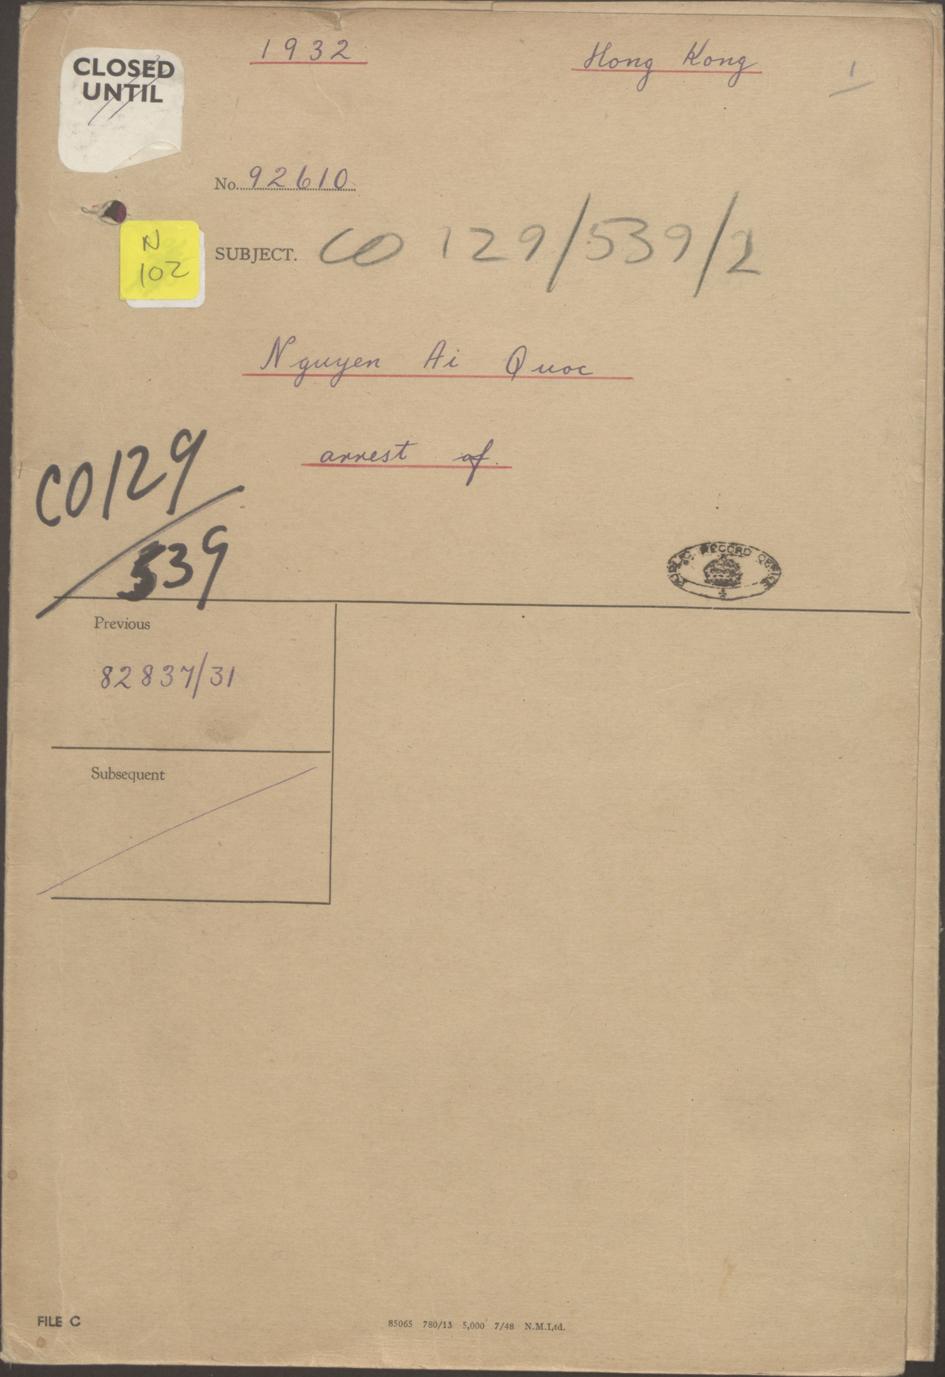 Trang bìa hồ sơ Nguyễn Ái Quốc của UK National Archives.jpg